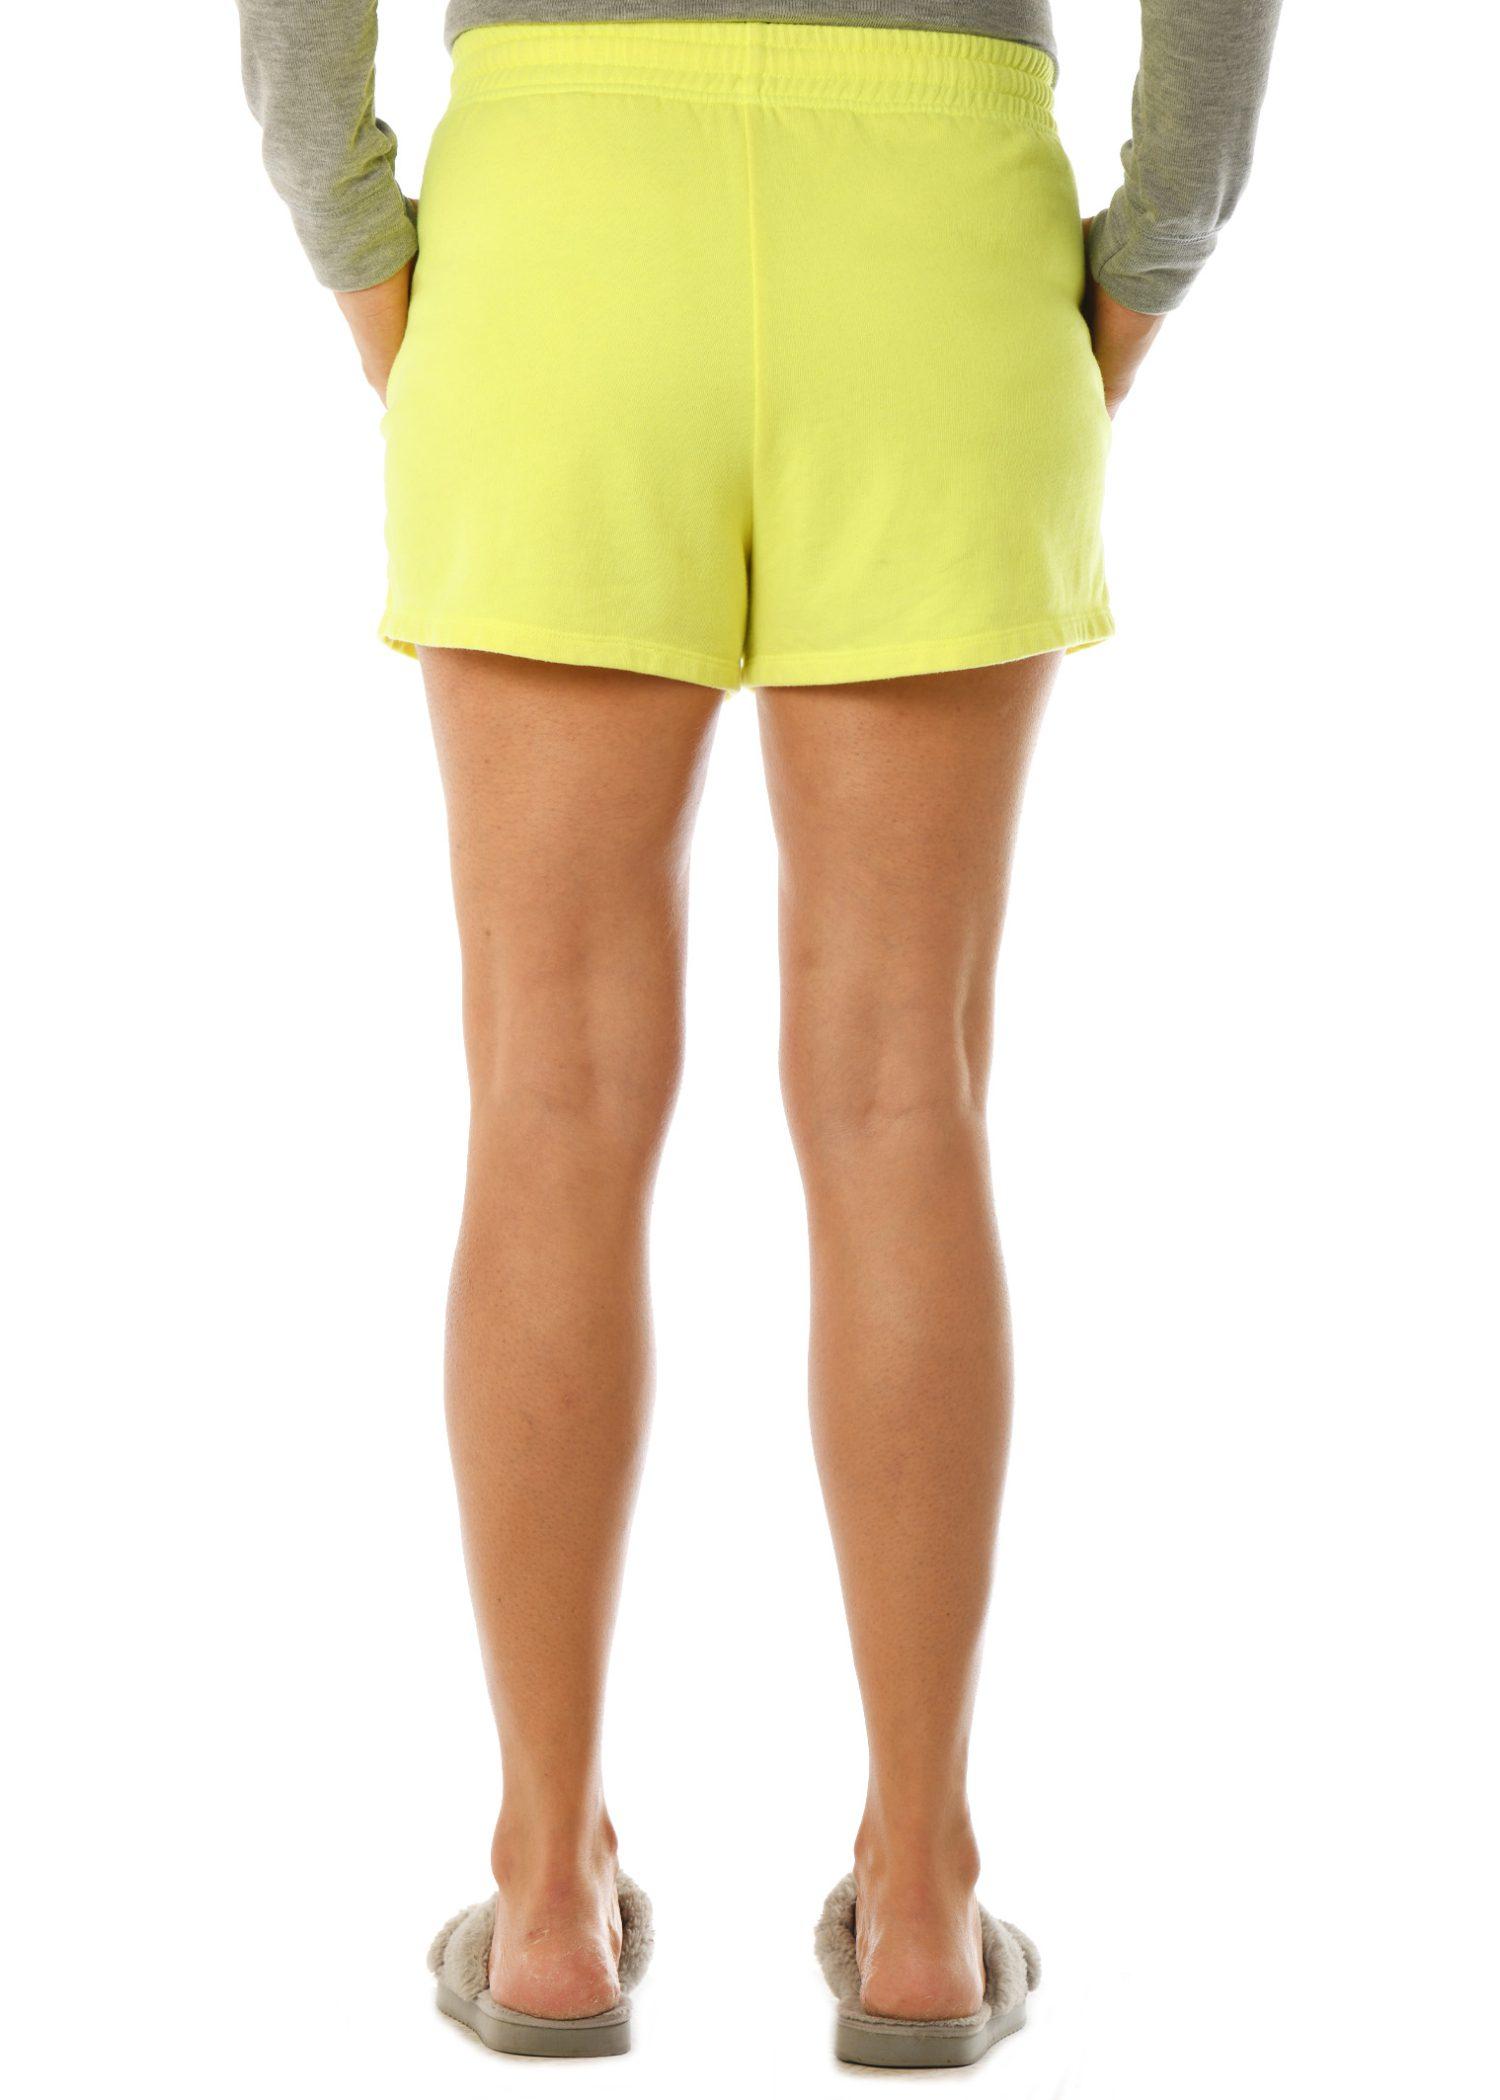 GG 362-FT M Women's Shorts-Back